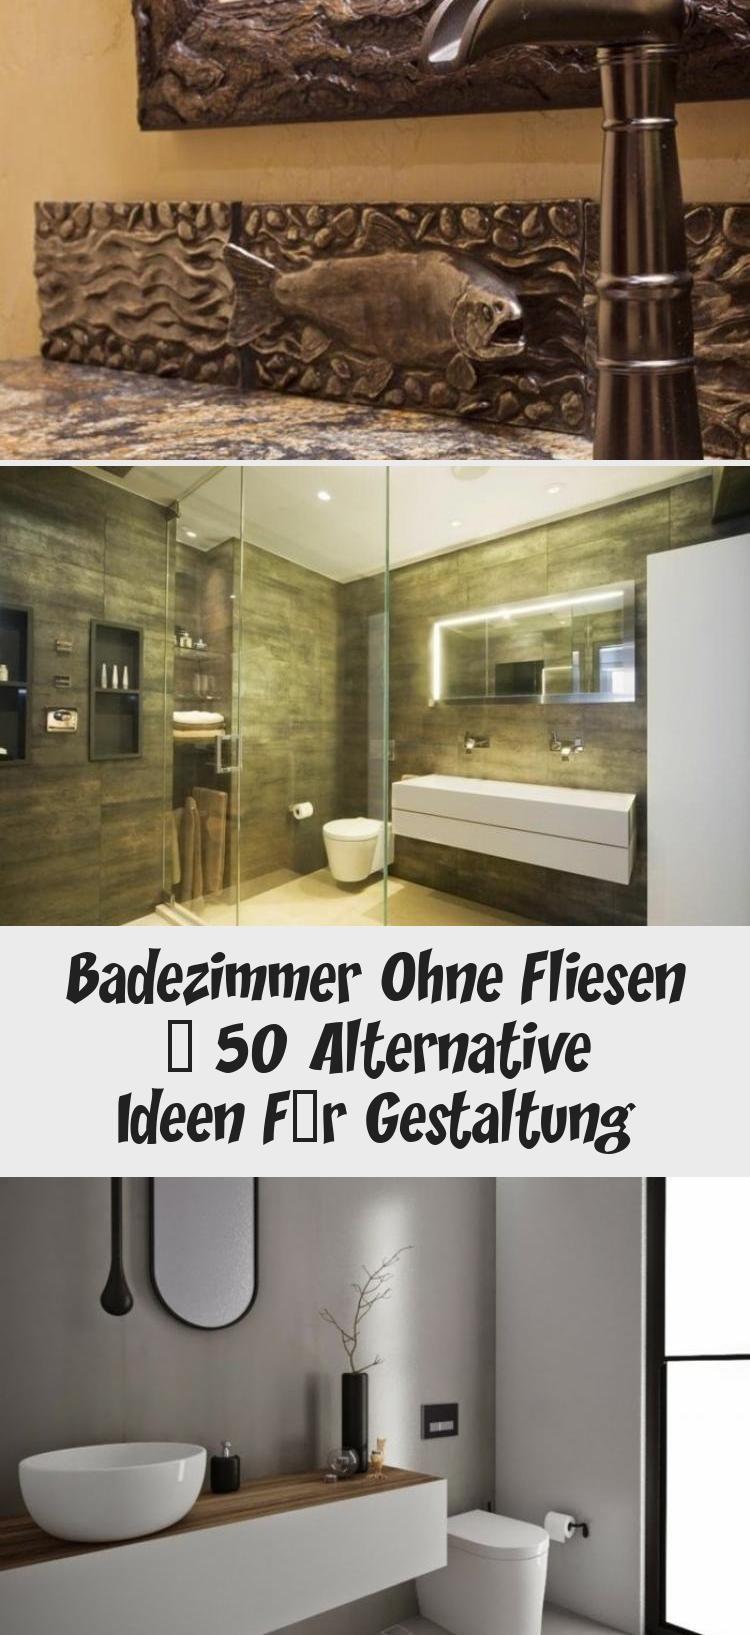 Badezimmer Ohne Fliesen 50 Alternative Ideen Fur Gestaltung Badezimmer Fliesen Badezimmer Fliesen